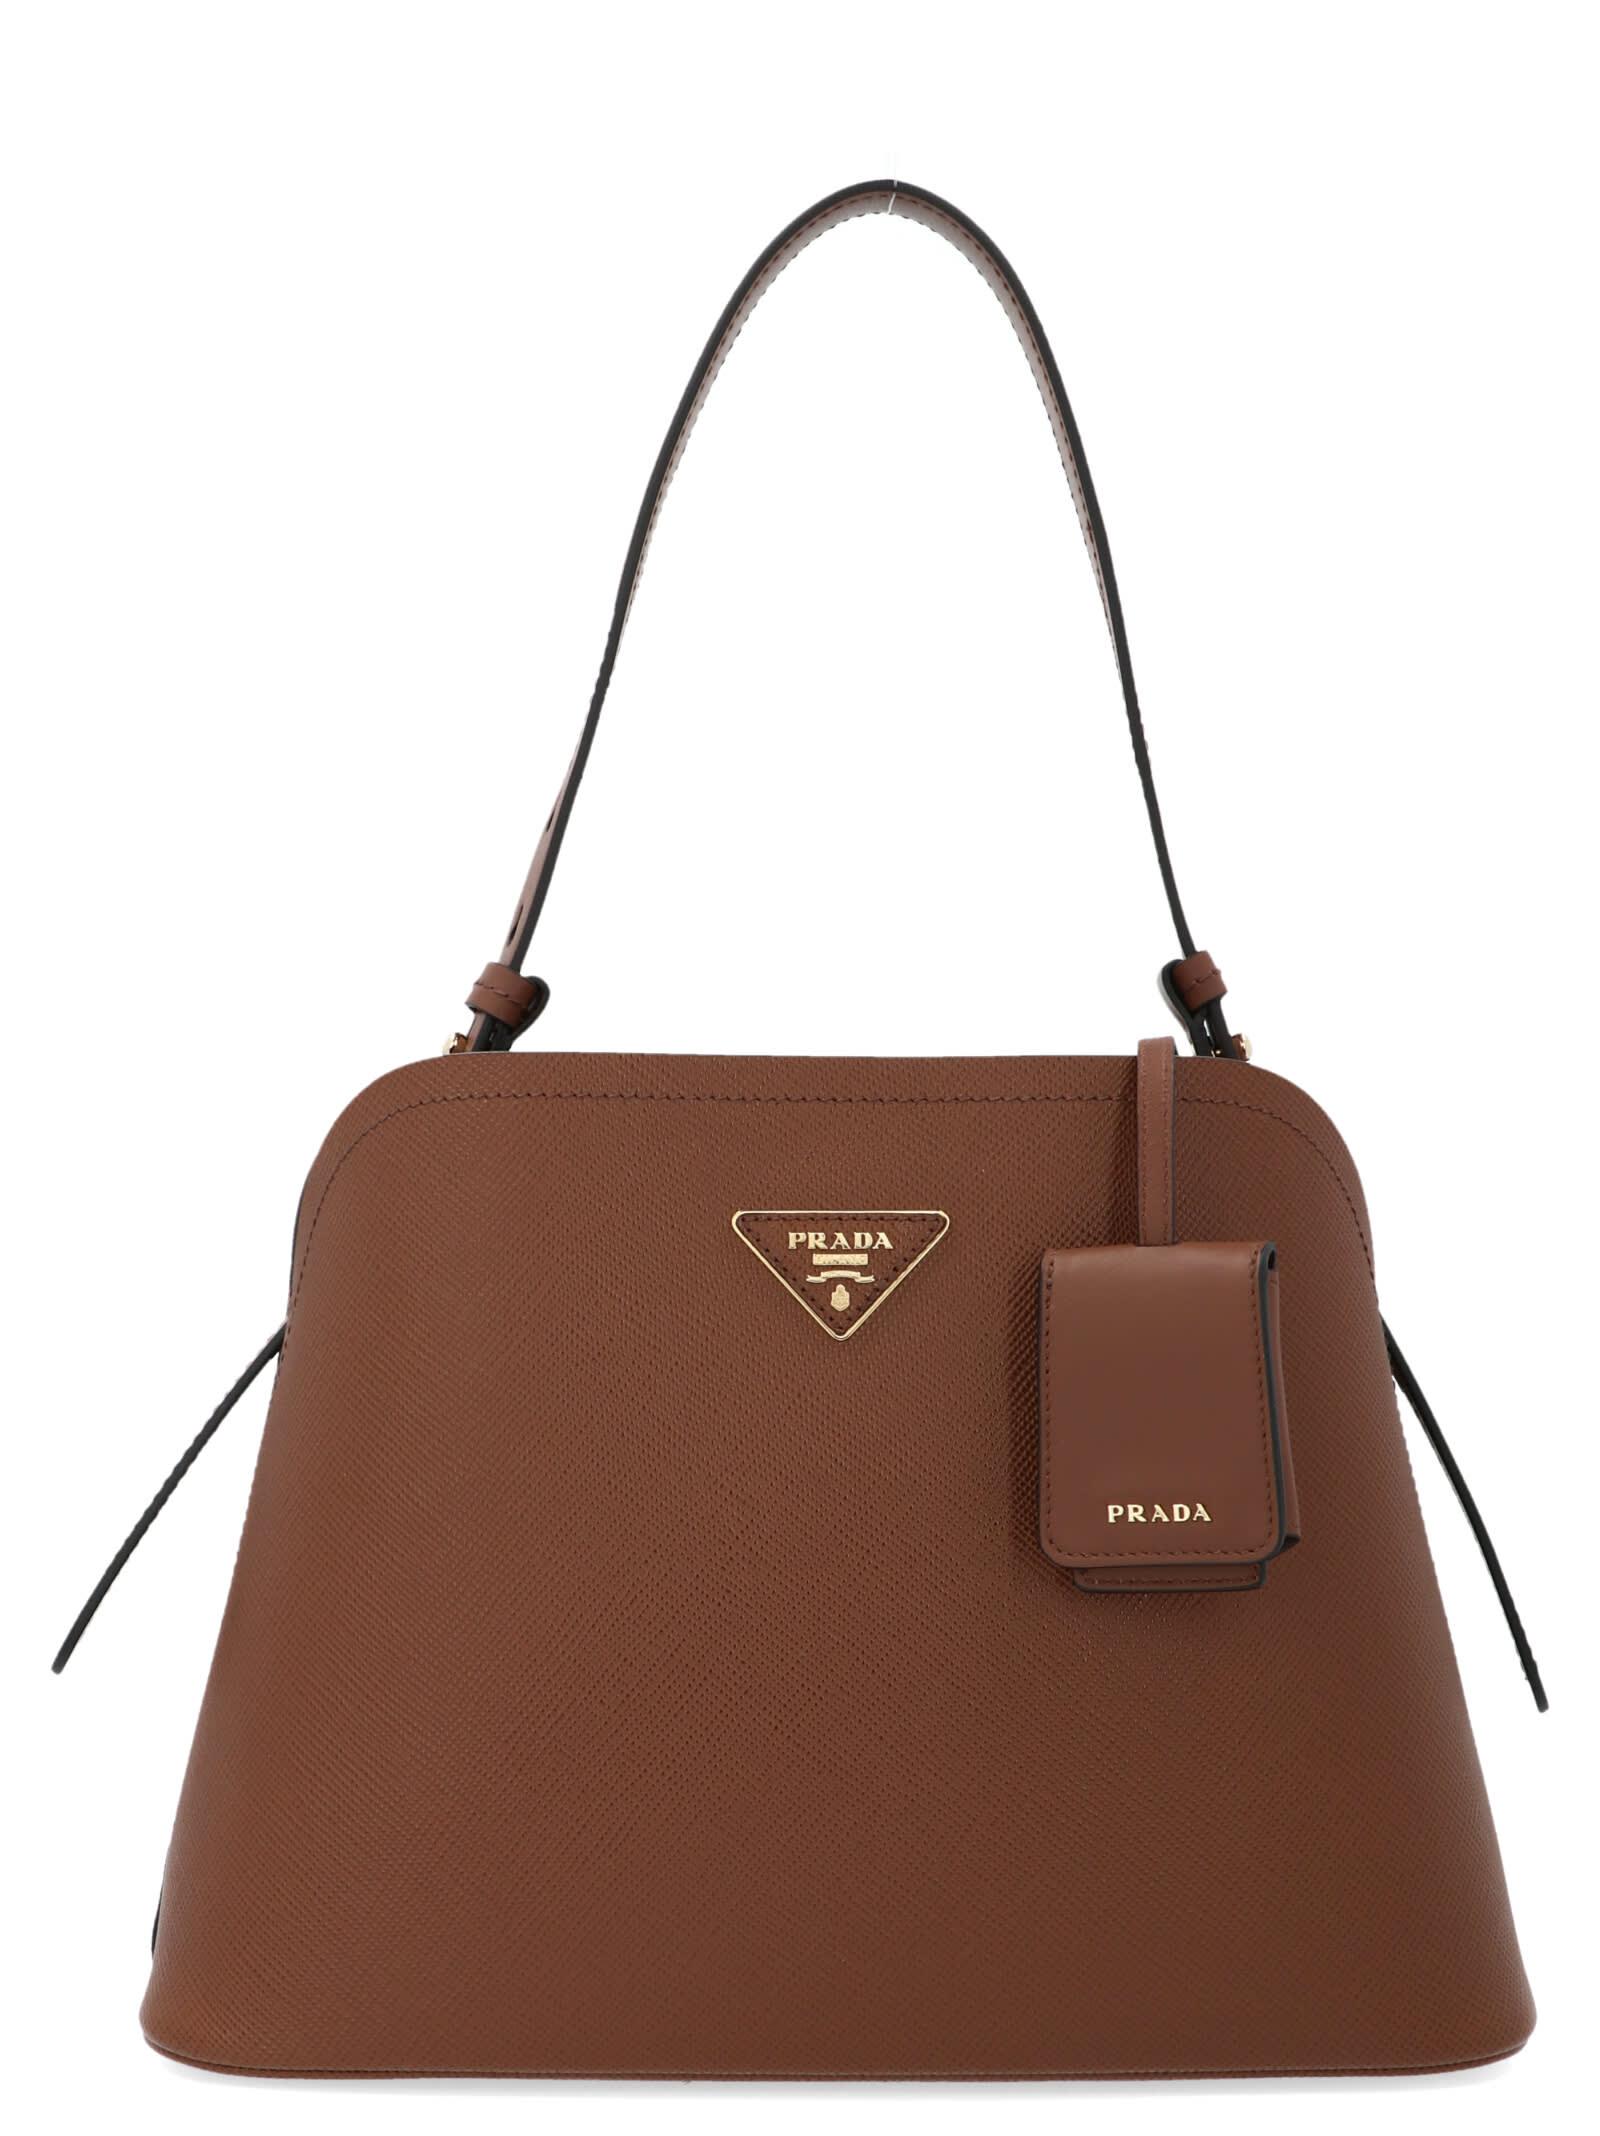 0fb3ad8282 Prada 'promenade' Bag